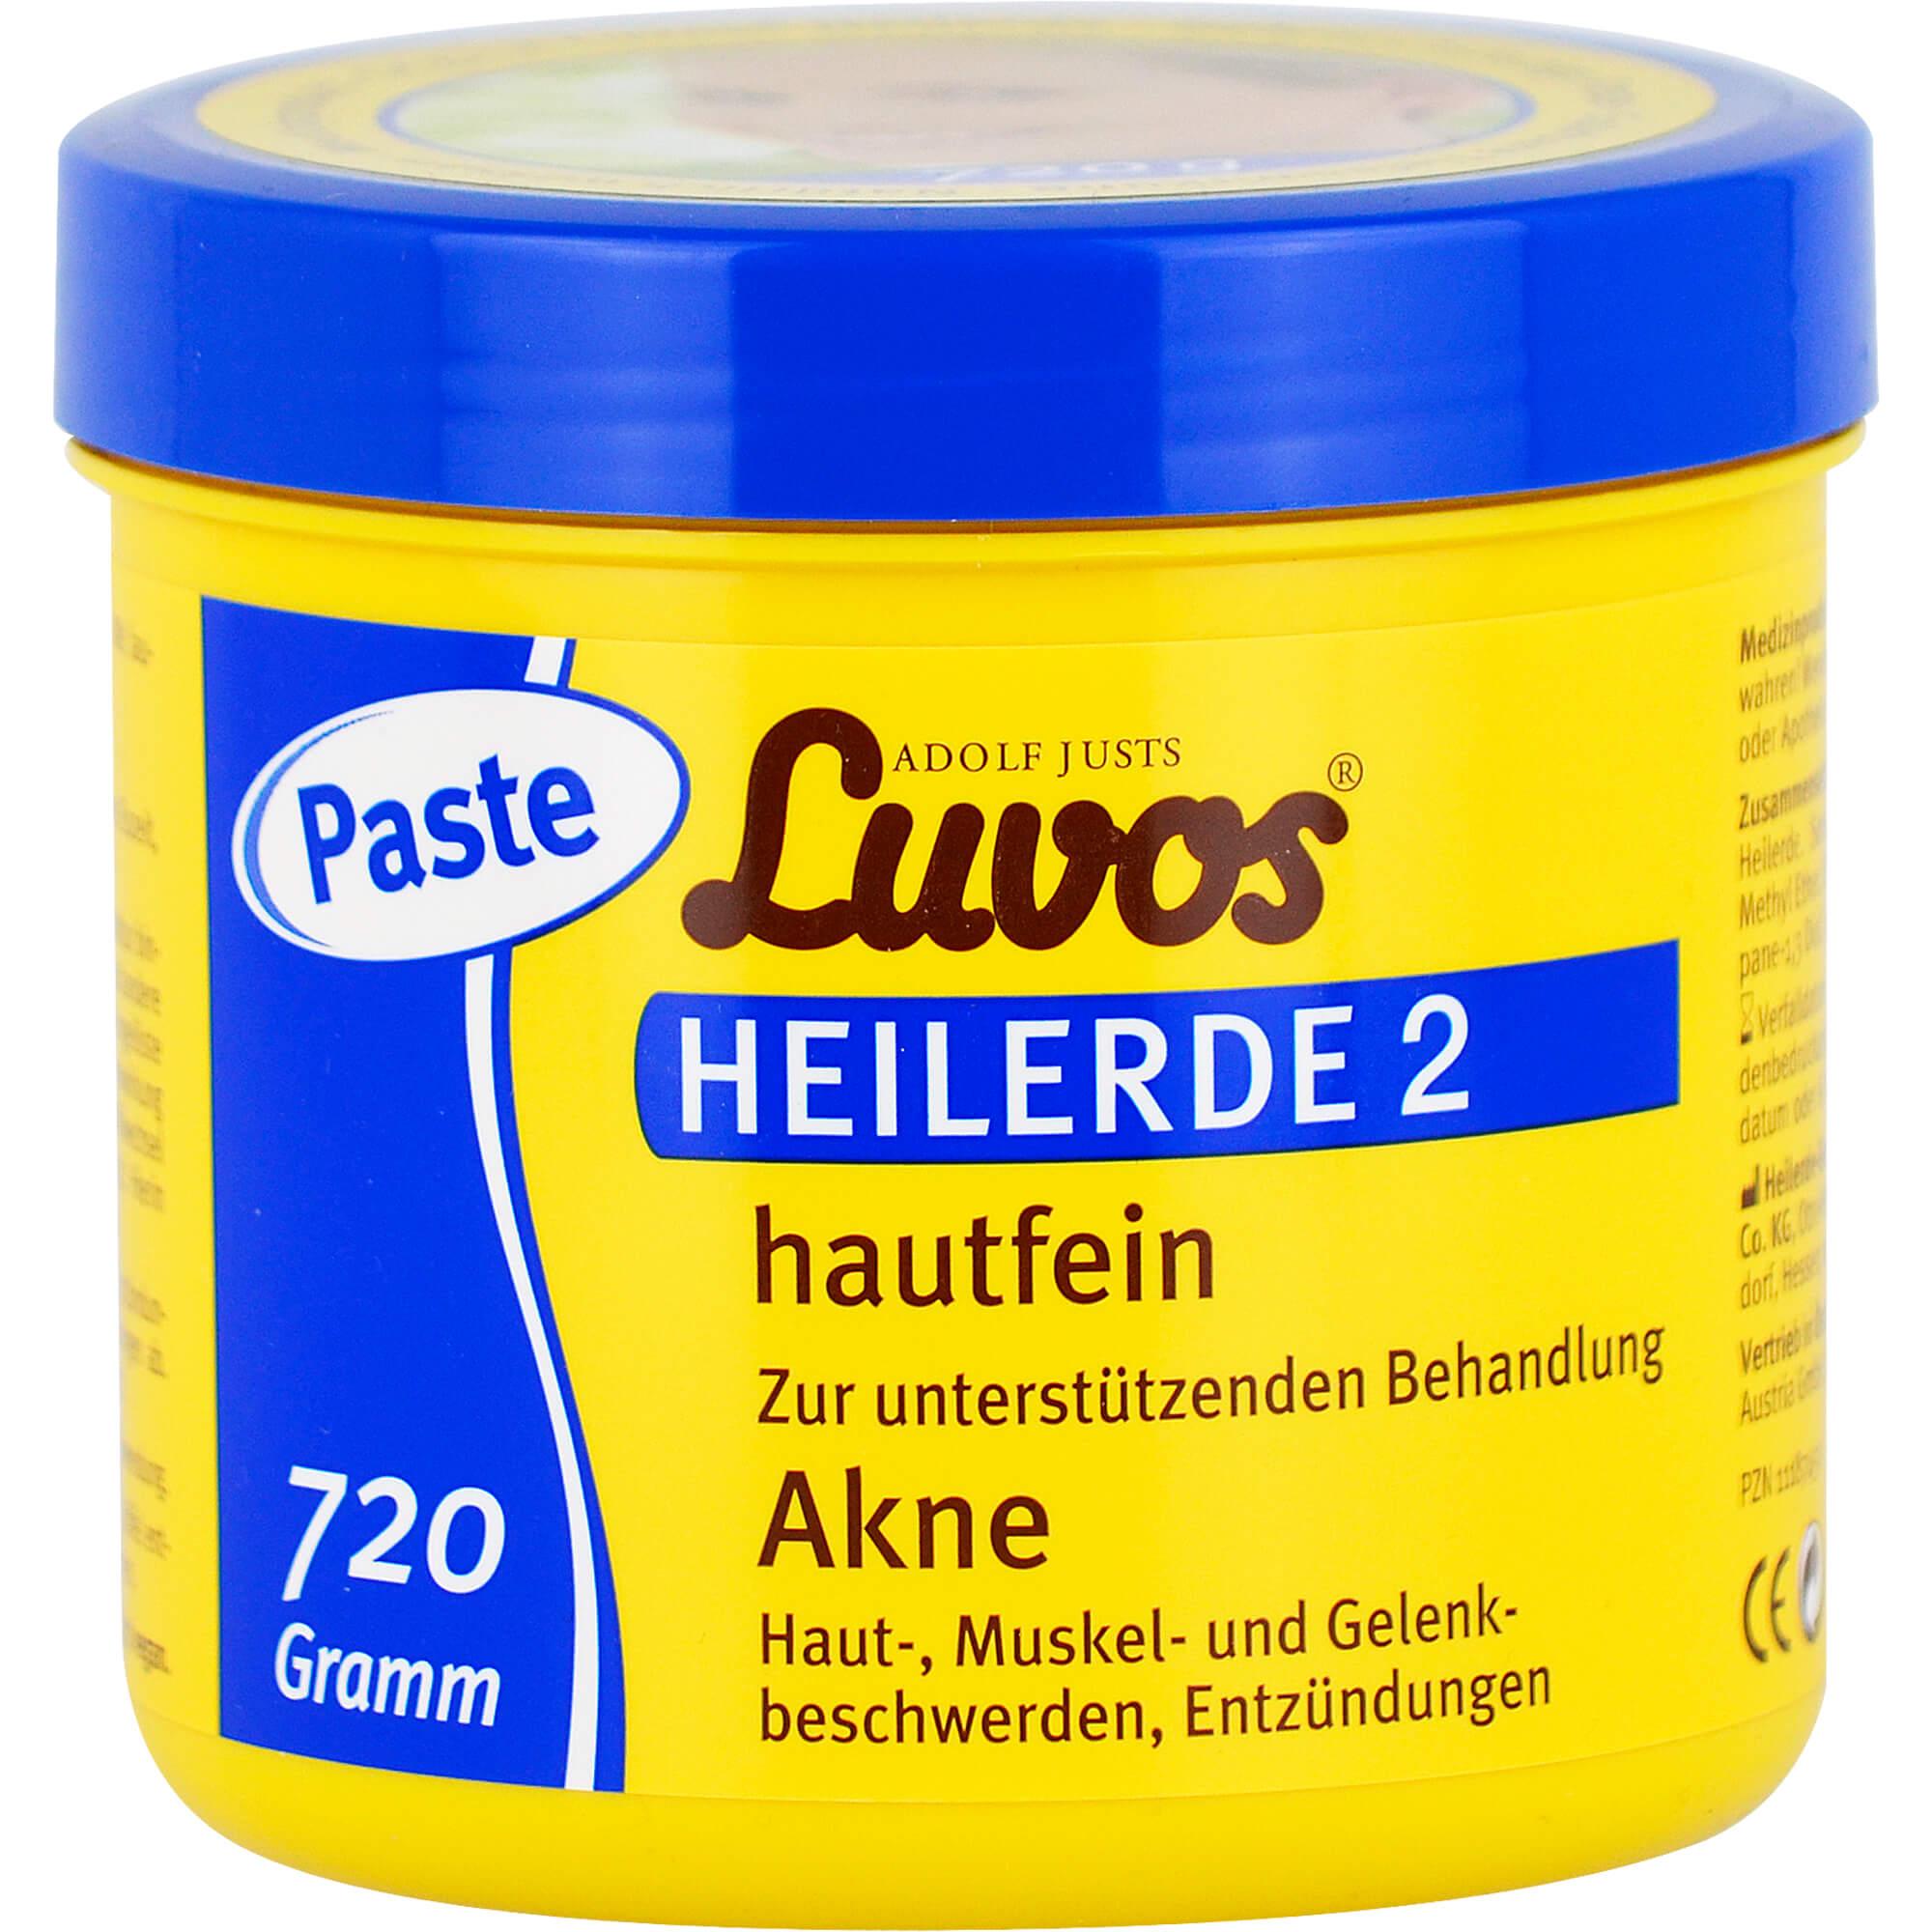 LUVOS-Heilerde-2-hautfein-Paste